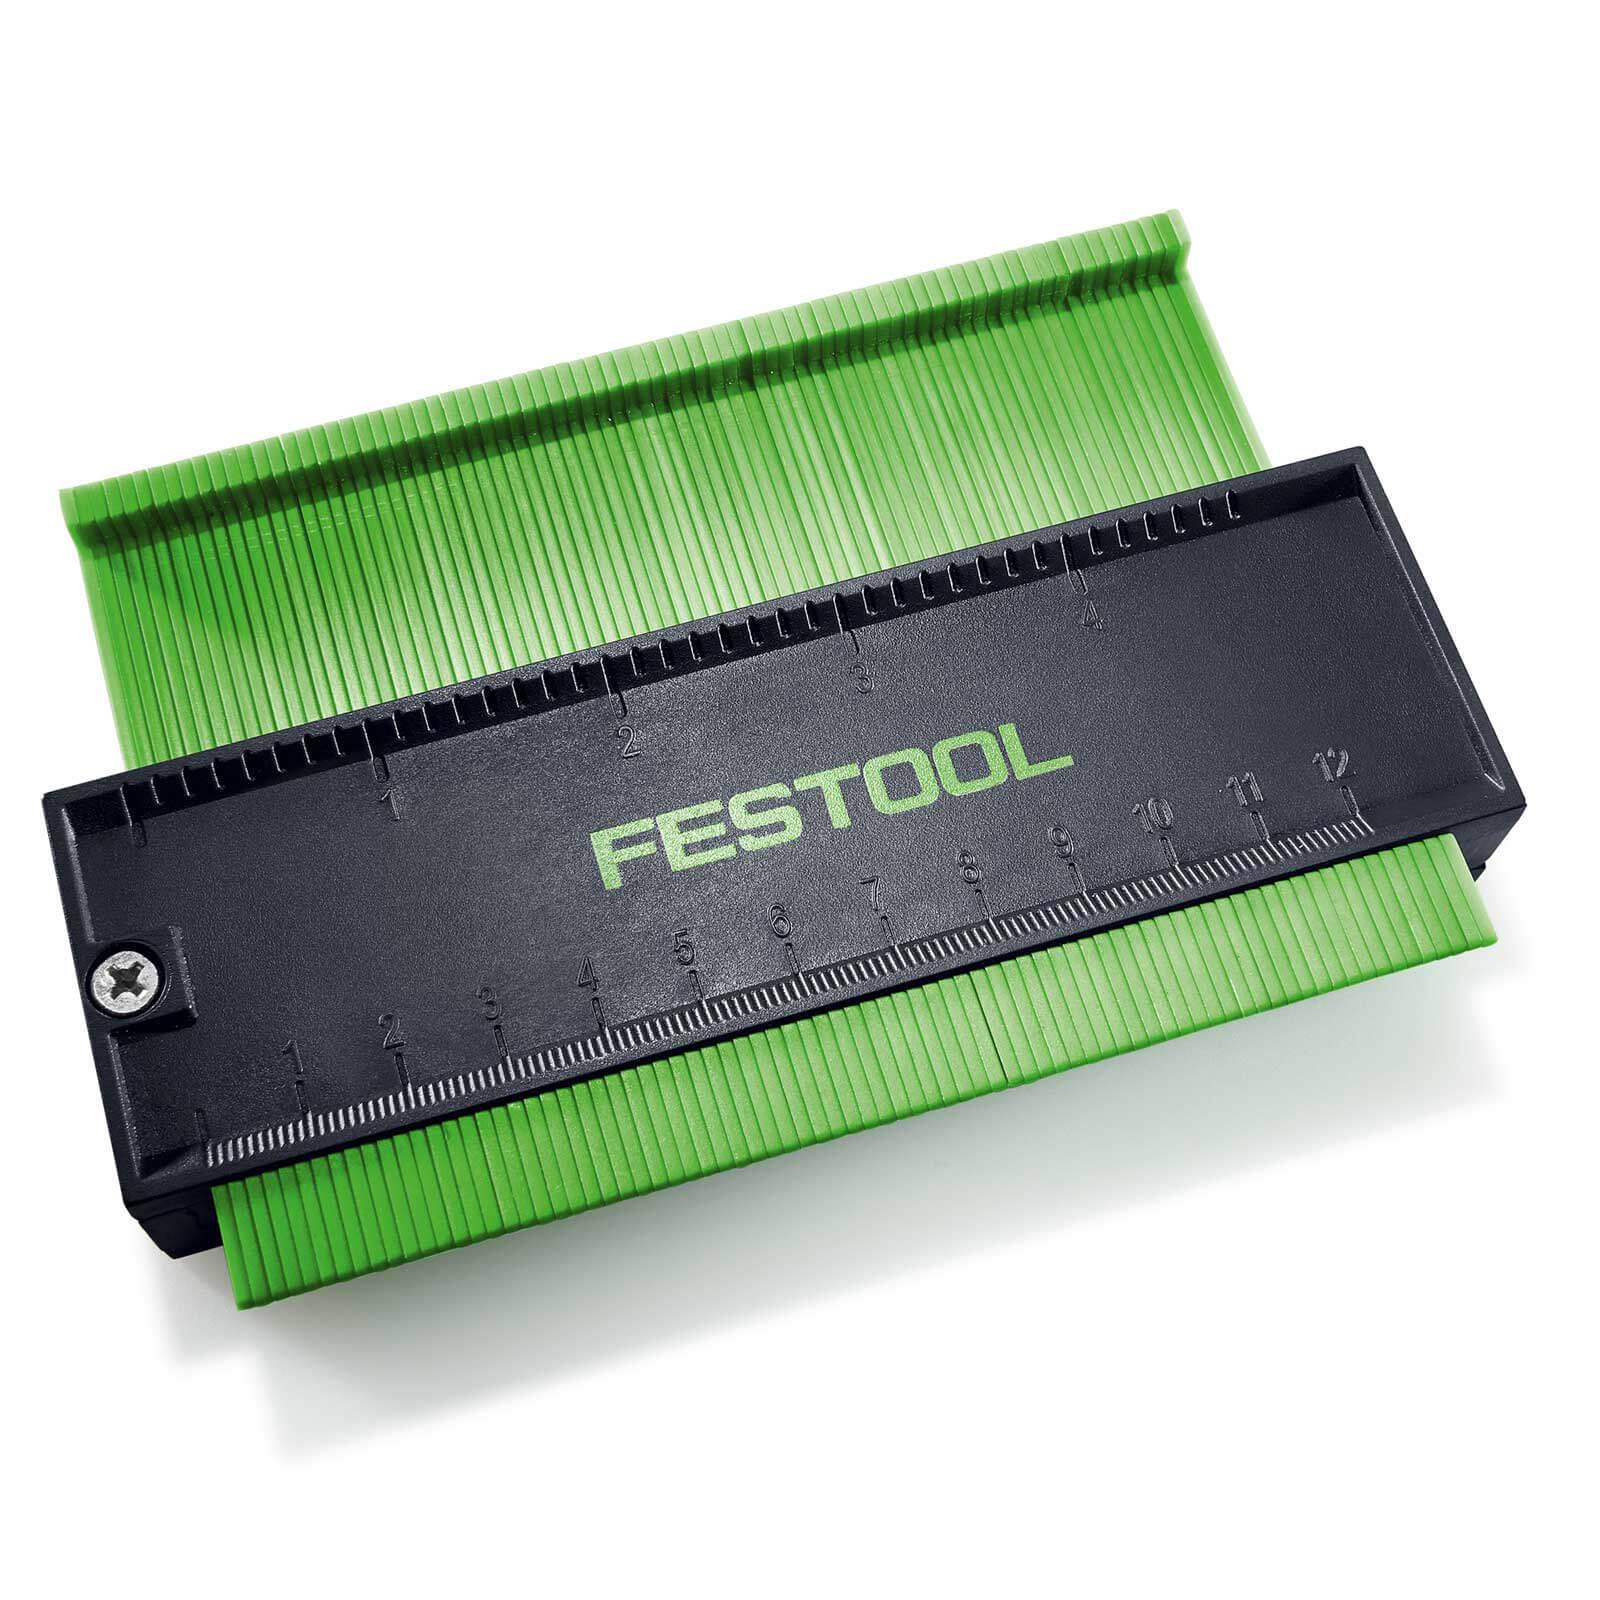 Festool Fan KTL-FZ FT1 Contour Gauge